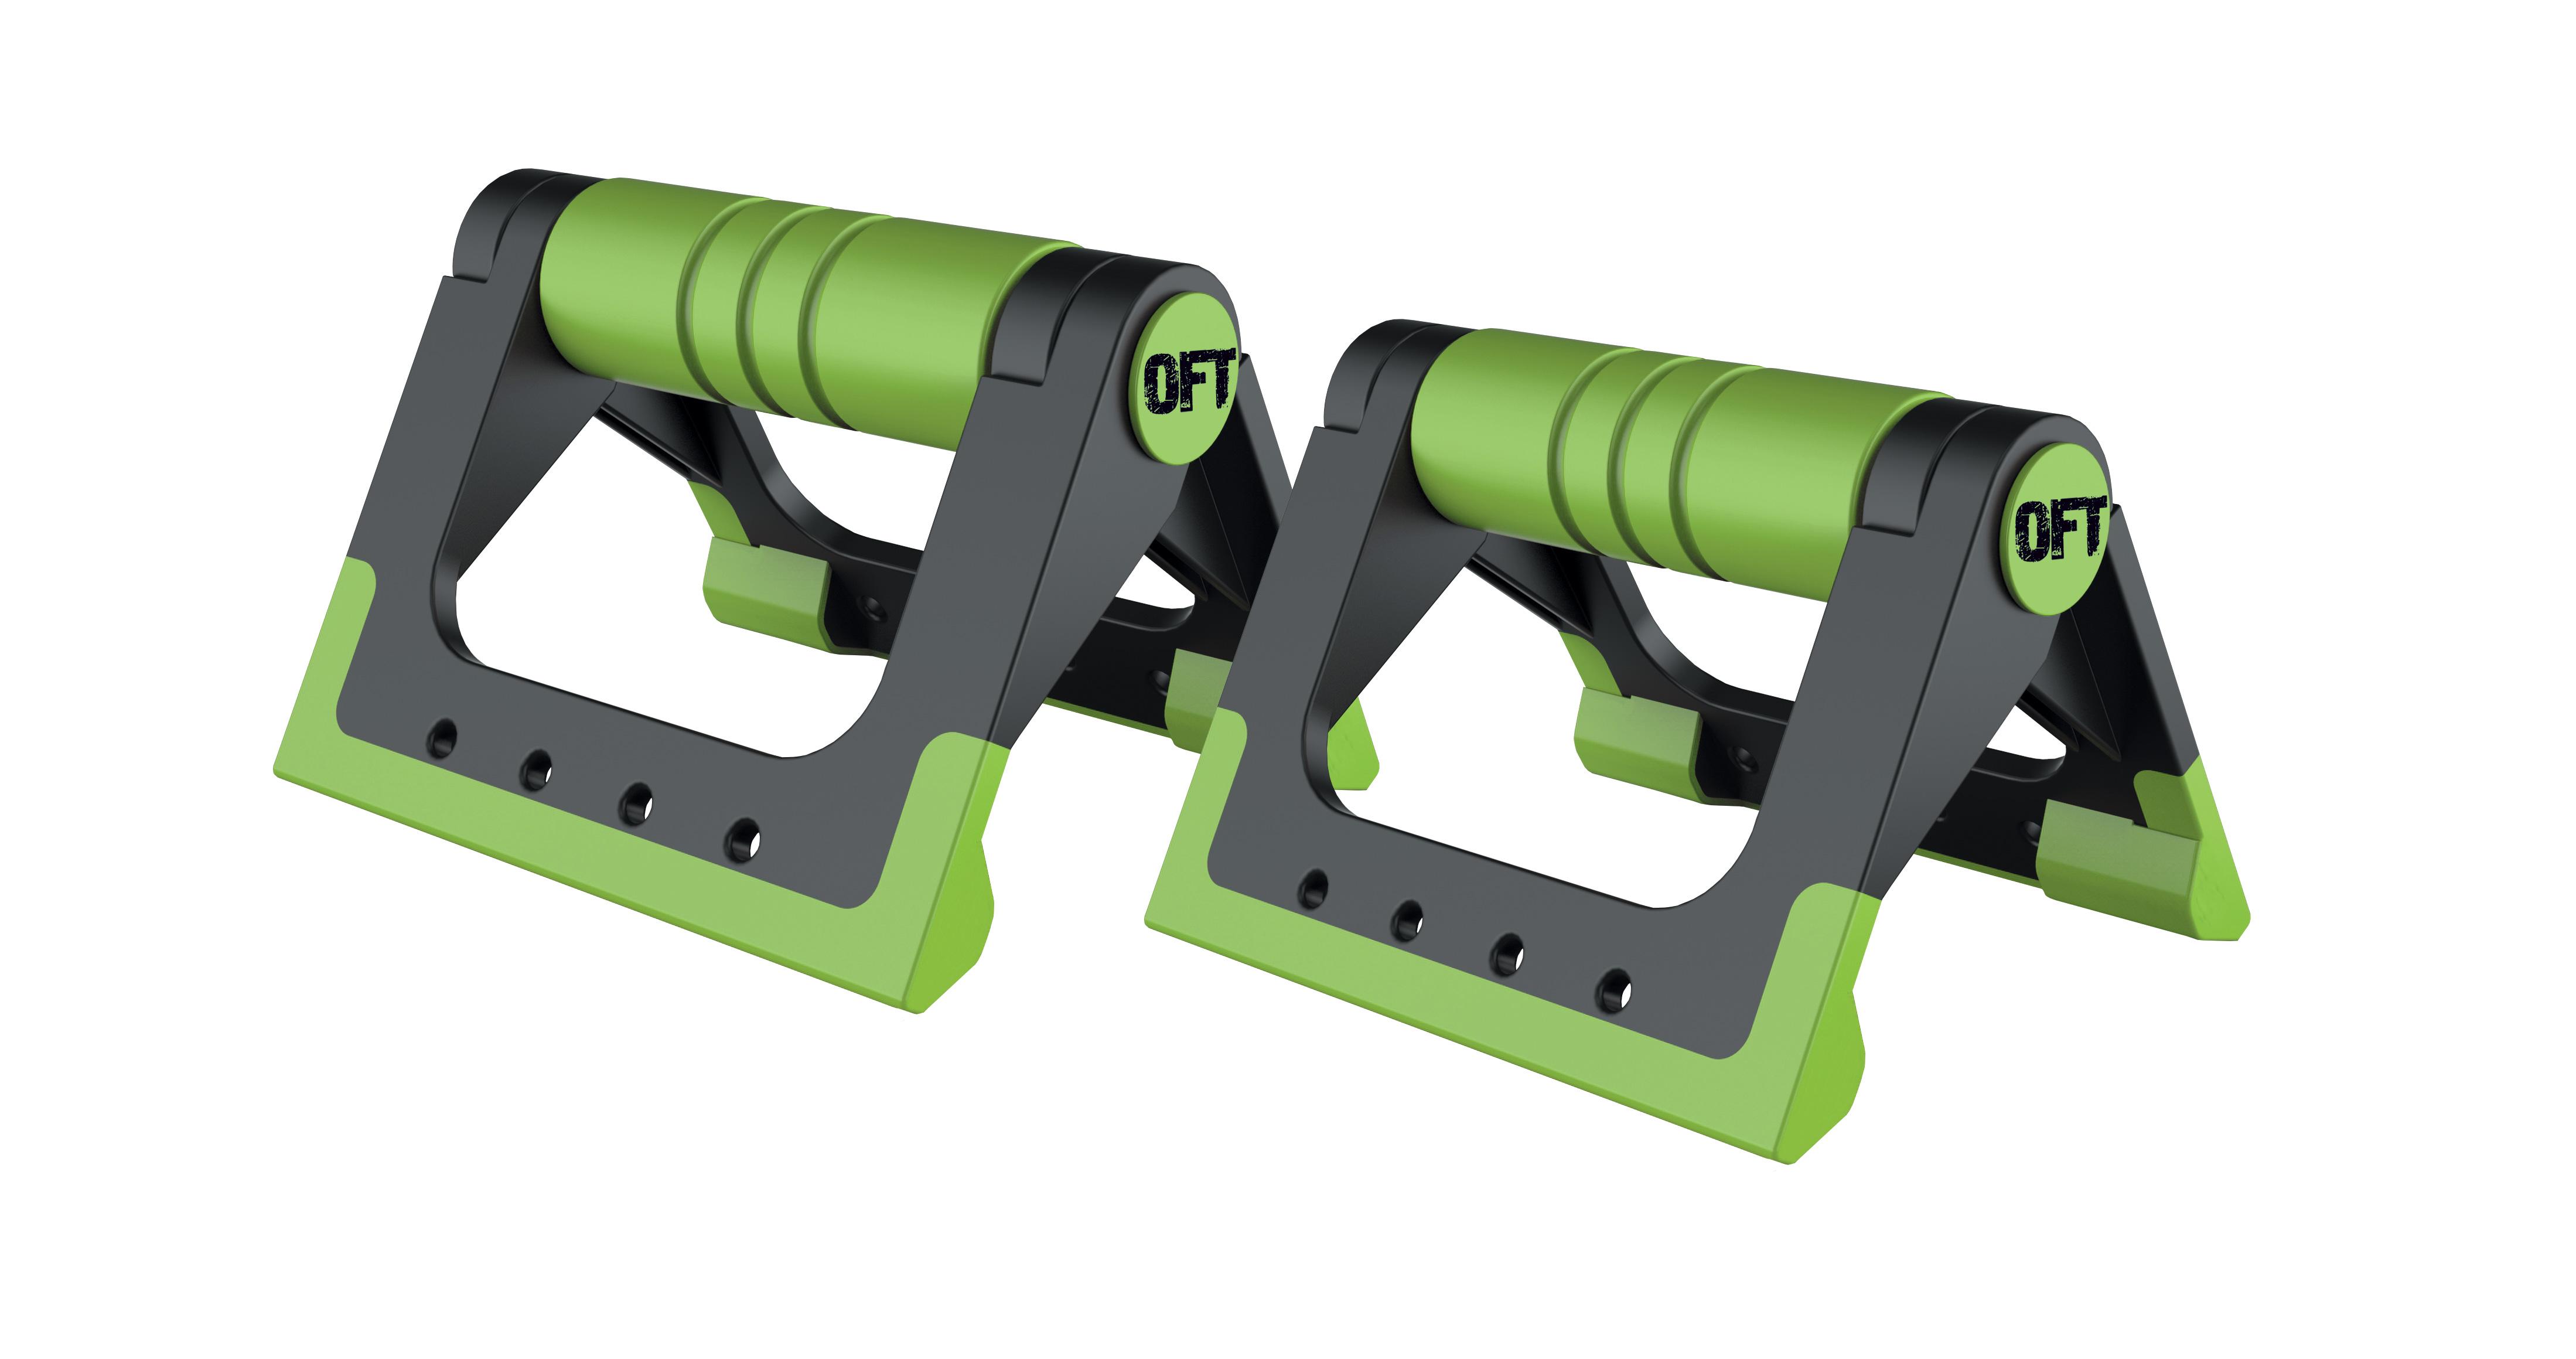 Упоры для отжиманий Original Fit.Tools до 150 кг черно-зеленые